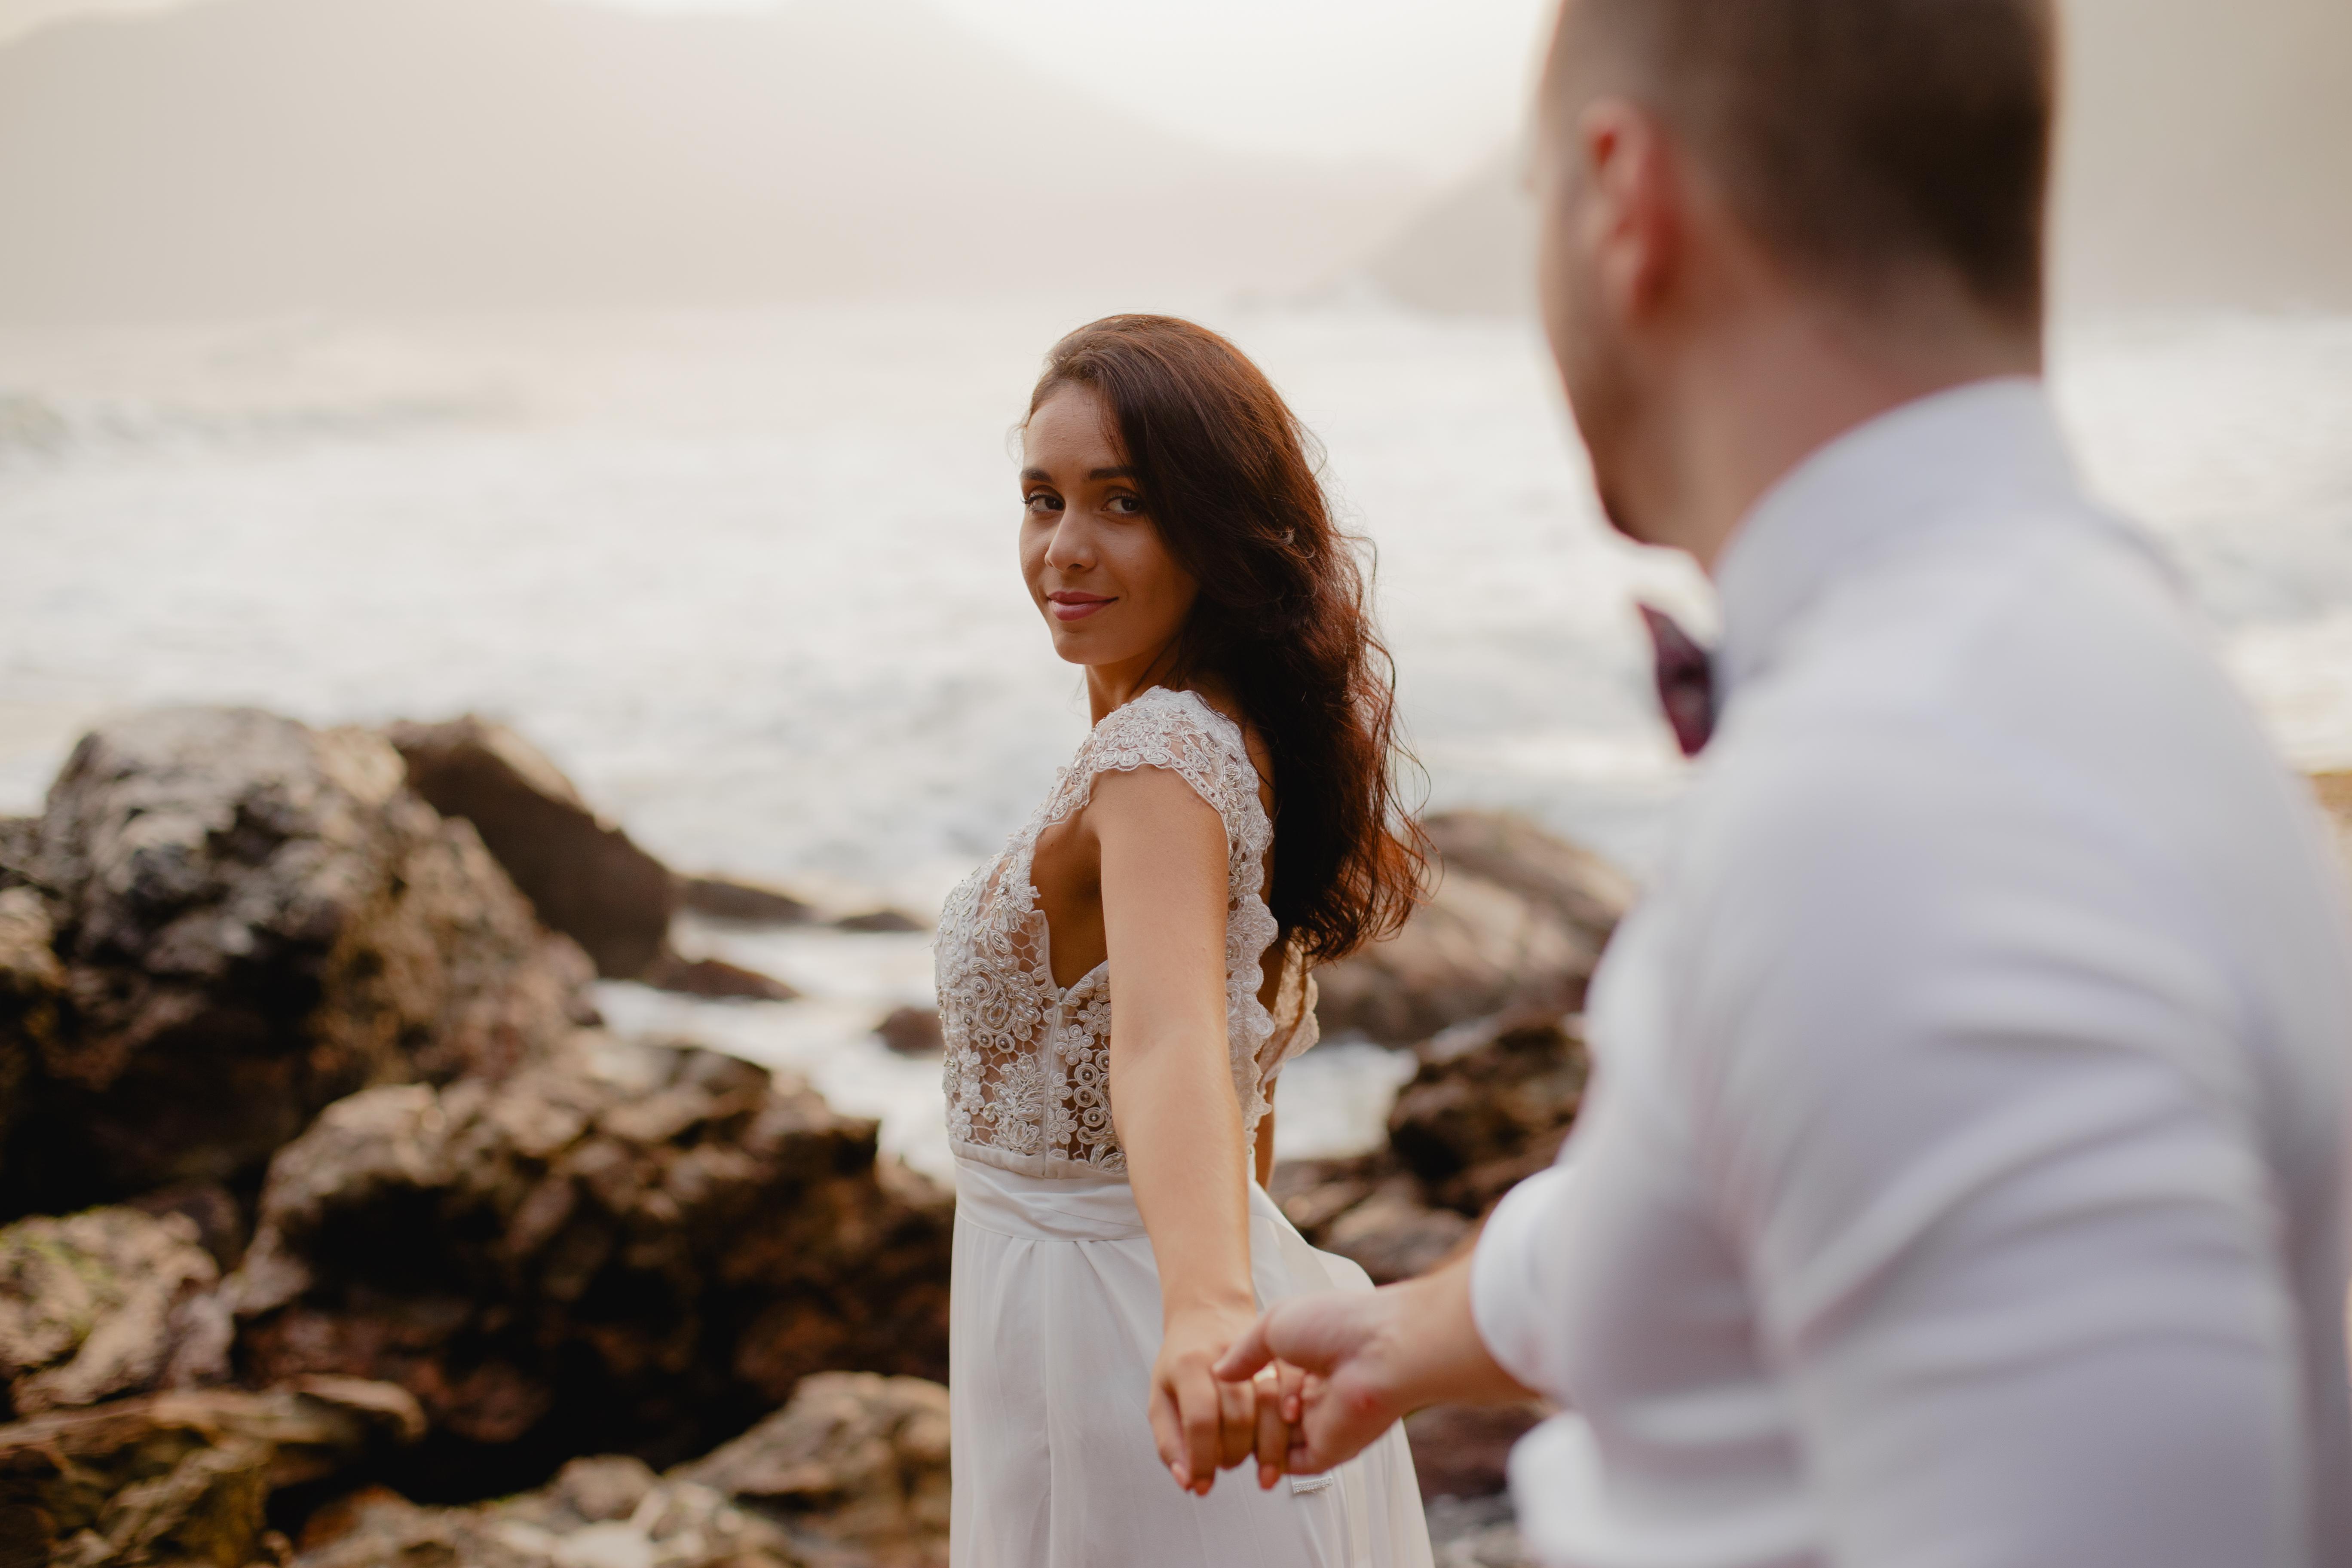 Contate Victor Alvarenga - Fotografo de casamentos